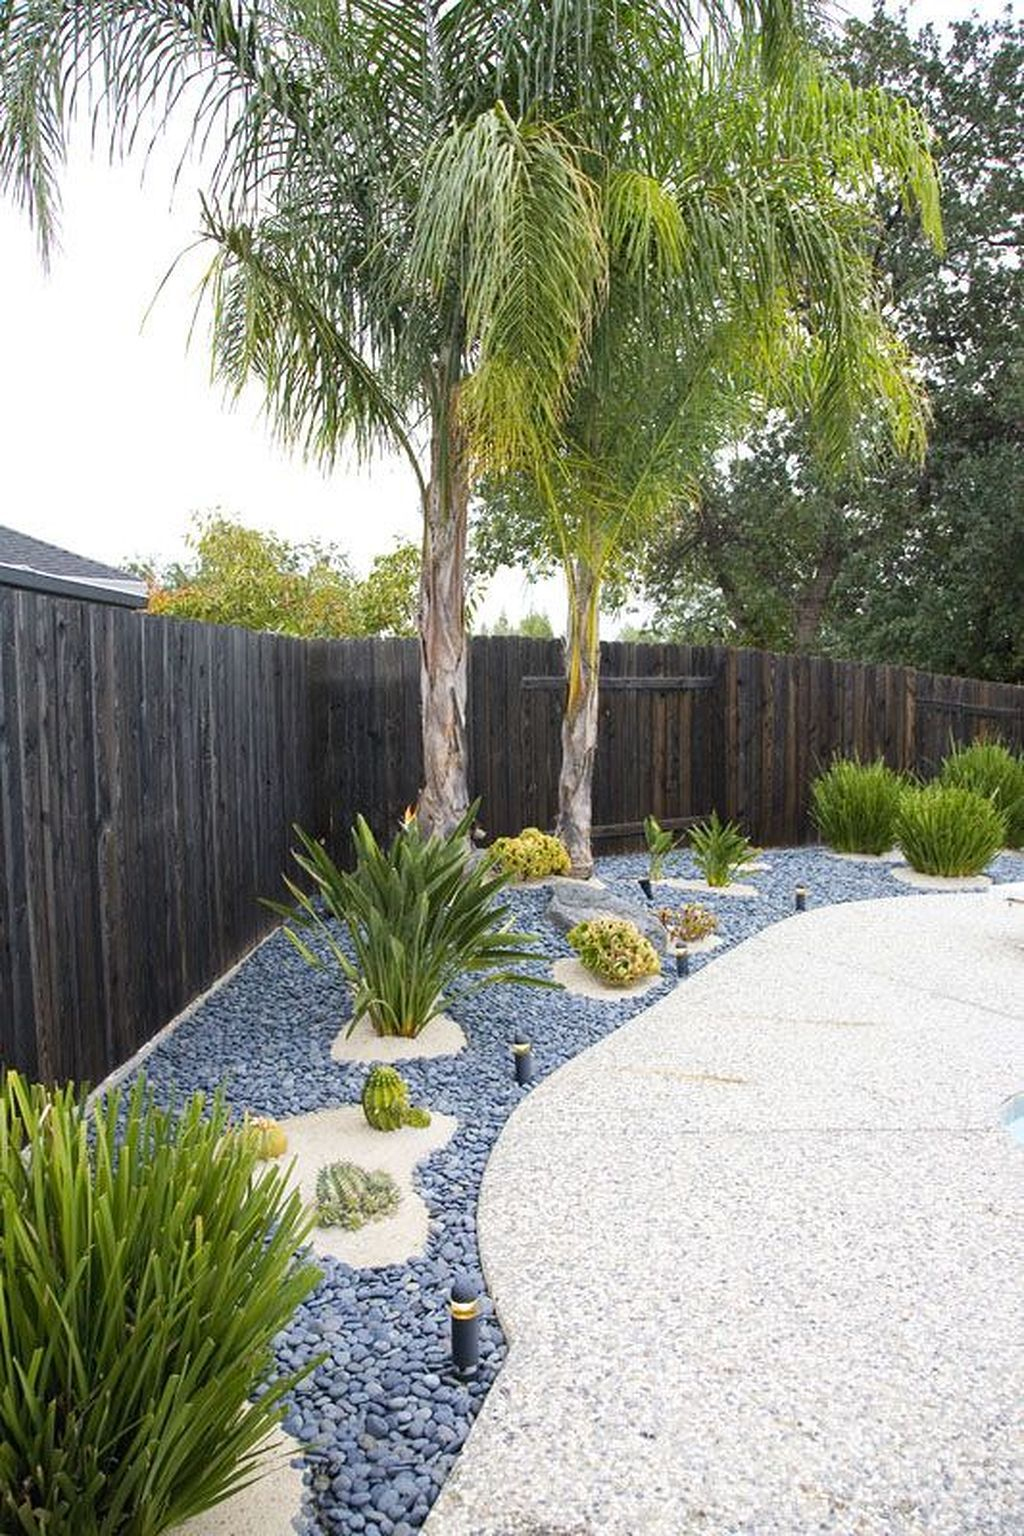 Bordures De Jardin Moderne Unique Photographie Cool 57 Beach Stones to Modern Backyard Designs S